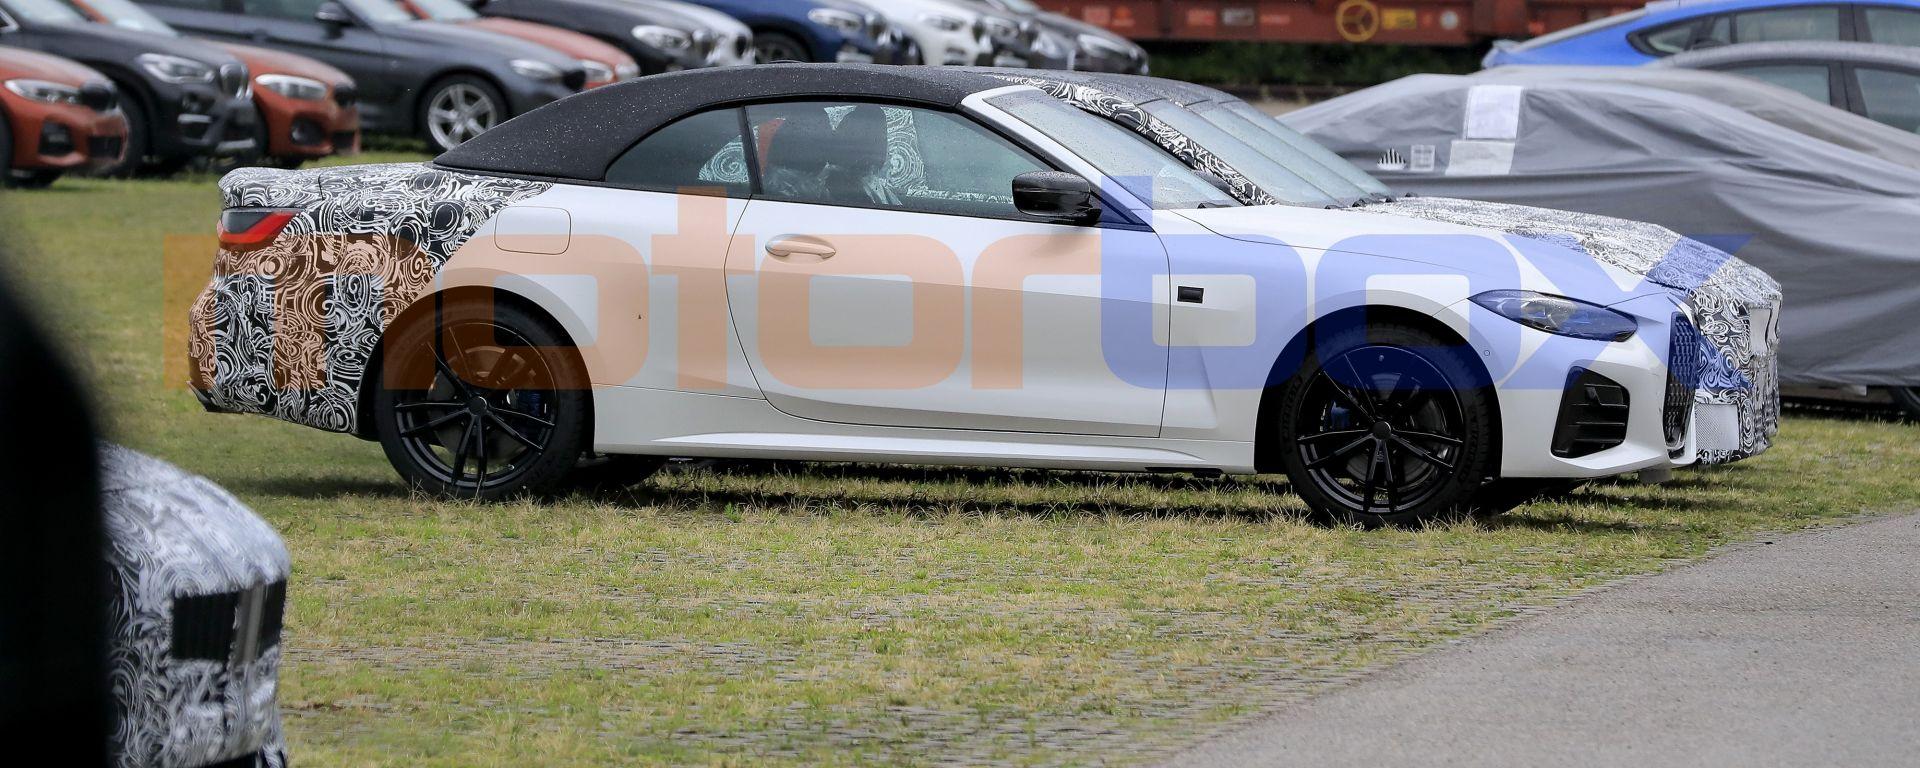 Nuova BMW Serie 4 Cabrio, il nuovo tetto è in tela, non più in metallo